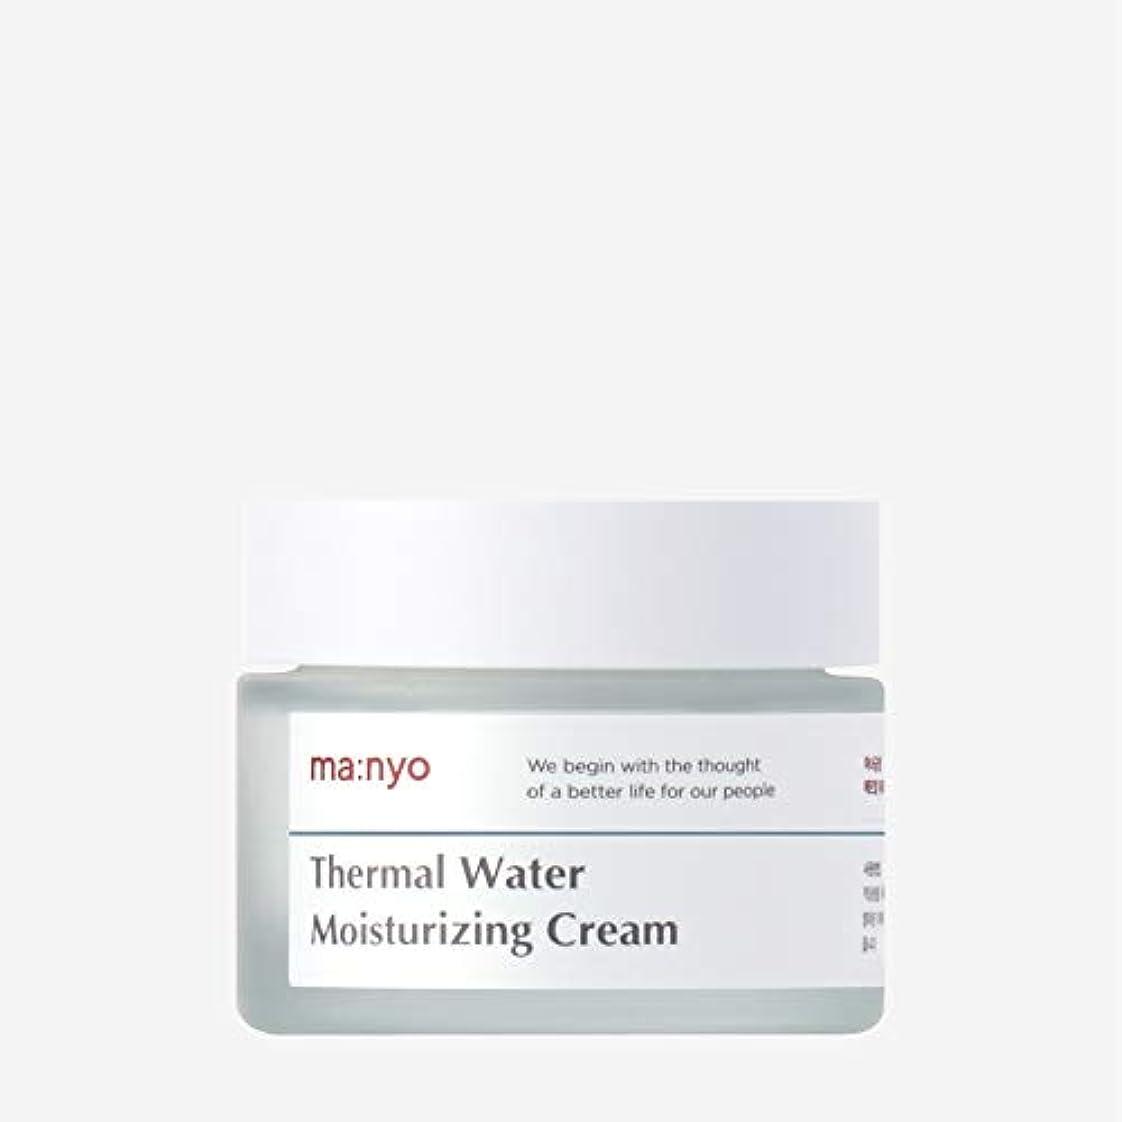 終点バイバイ敵対的魔女工場(Manyo Factory) 温泉水ミネラルクリーム 50ml / 天然ミネラル、チェコ温泉水67%で保湿補充